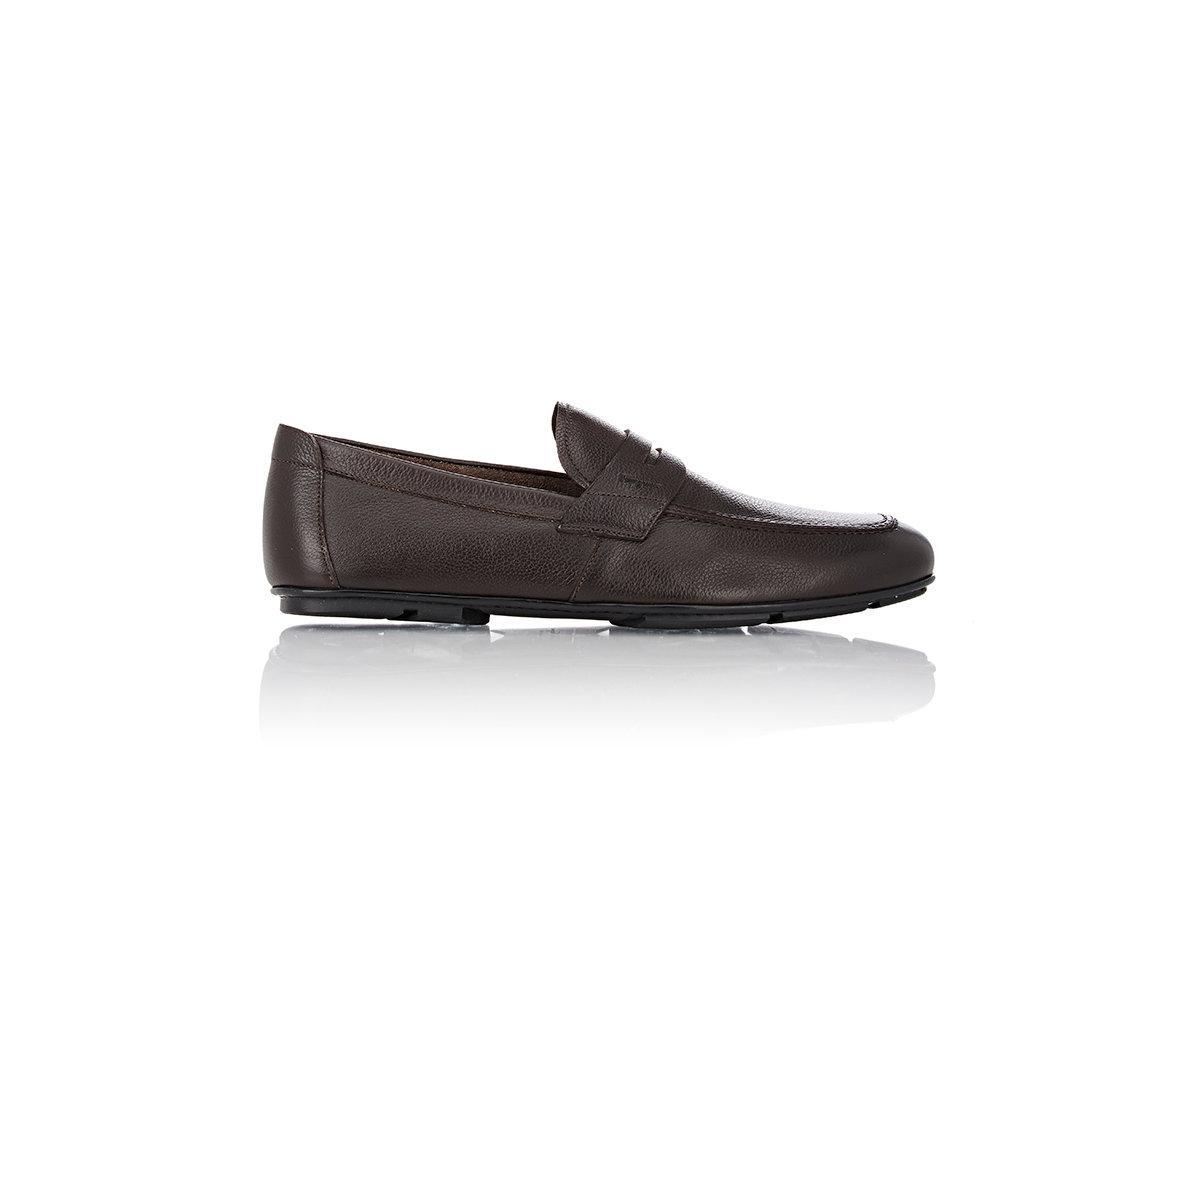 Ferragamo Mens Shoes Nordstrom Rack